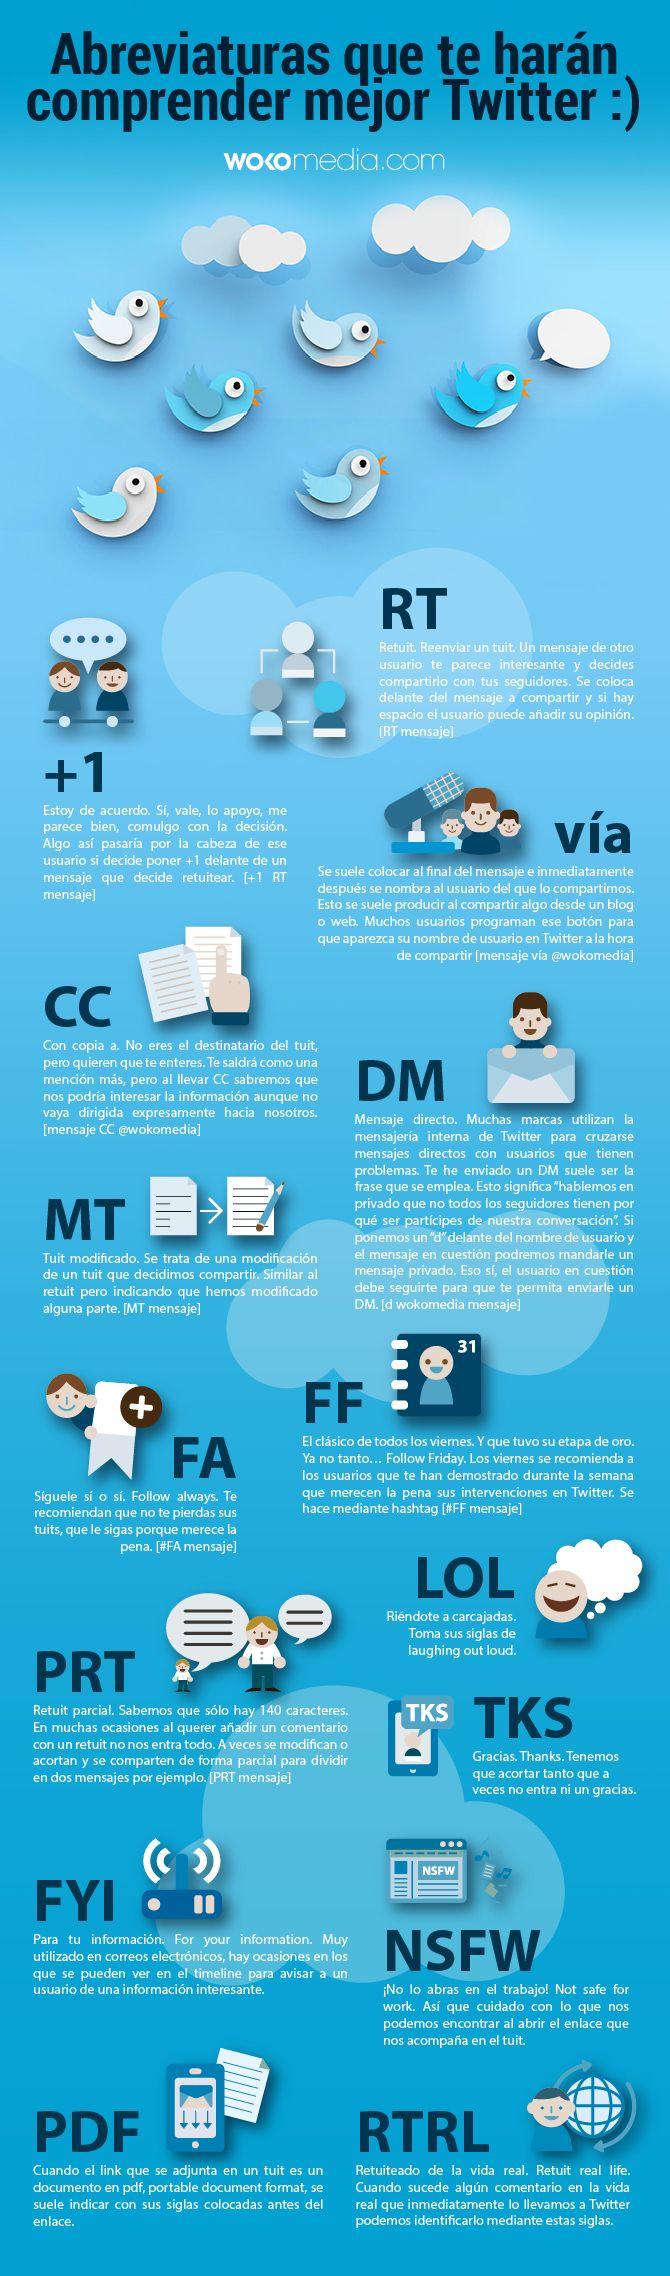 Abreviaturas para comprender Twitter #infografia #infographic #socialmedia vía @alfredovela